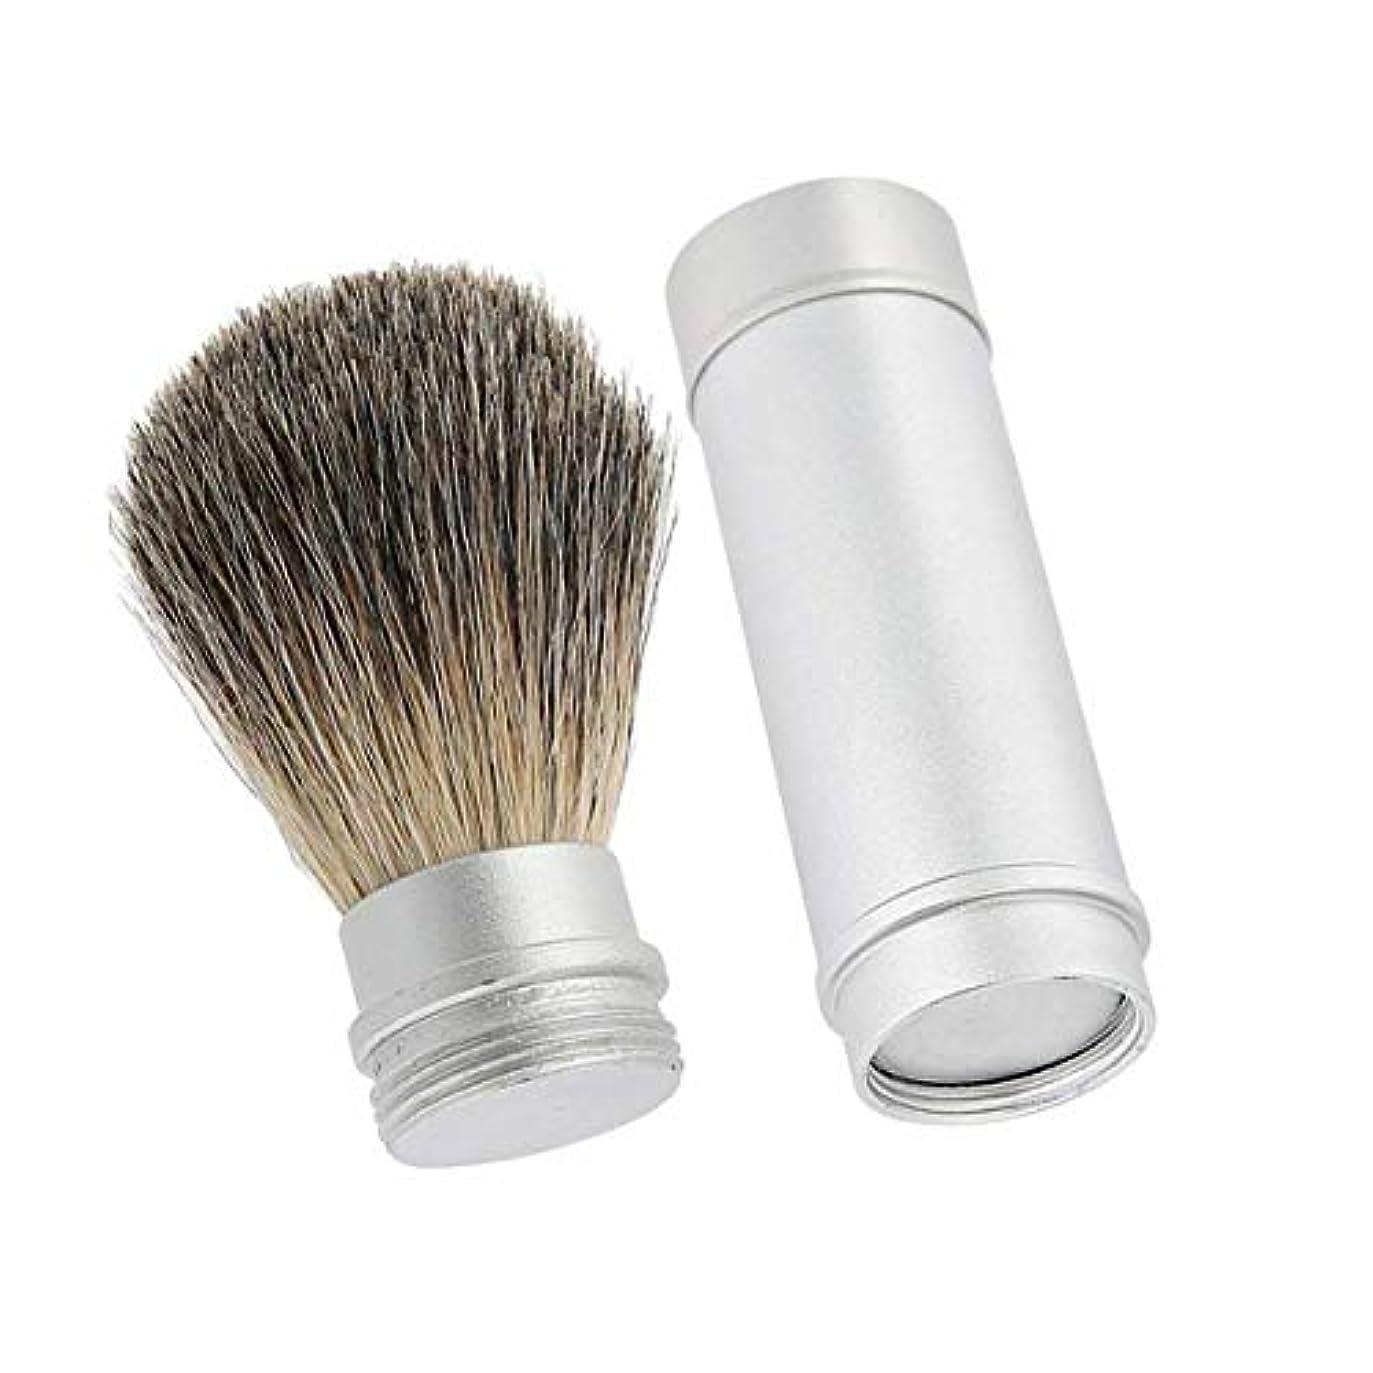 硬さ衝突灌漑Healifty アルミチューブ付剃毛ブラシ